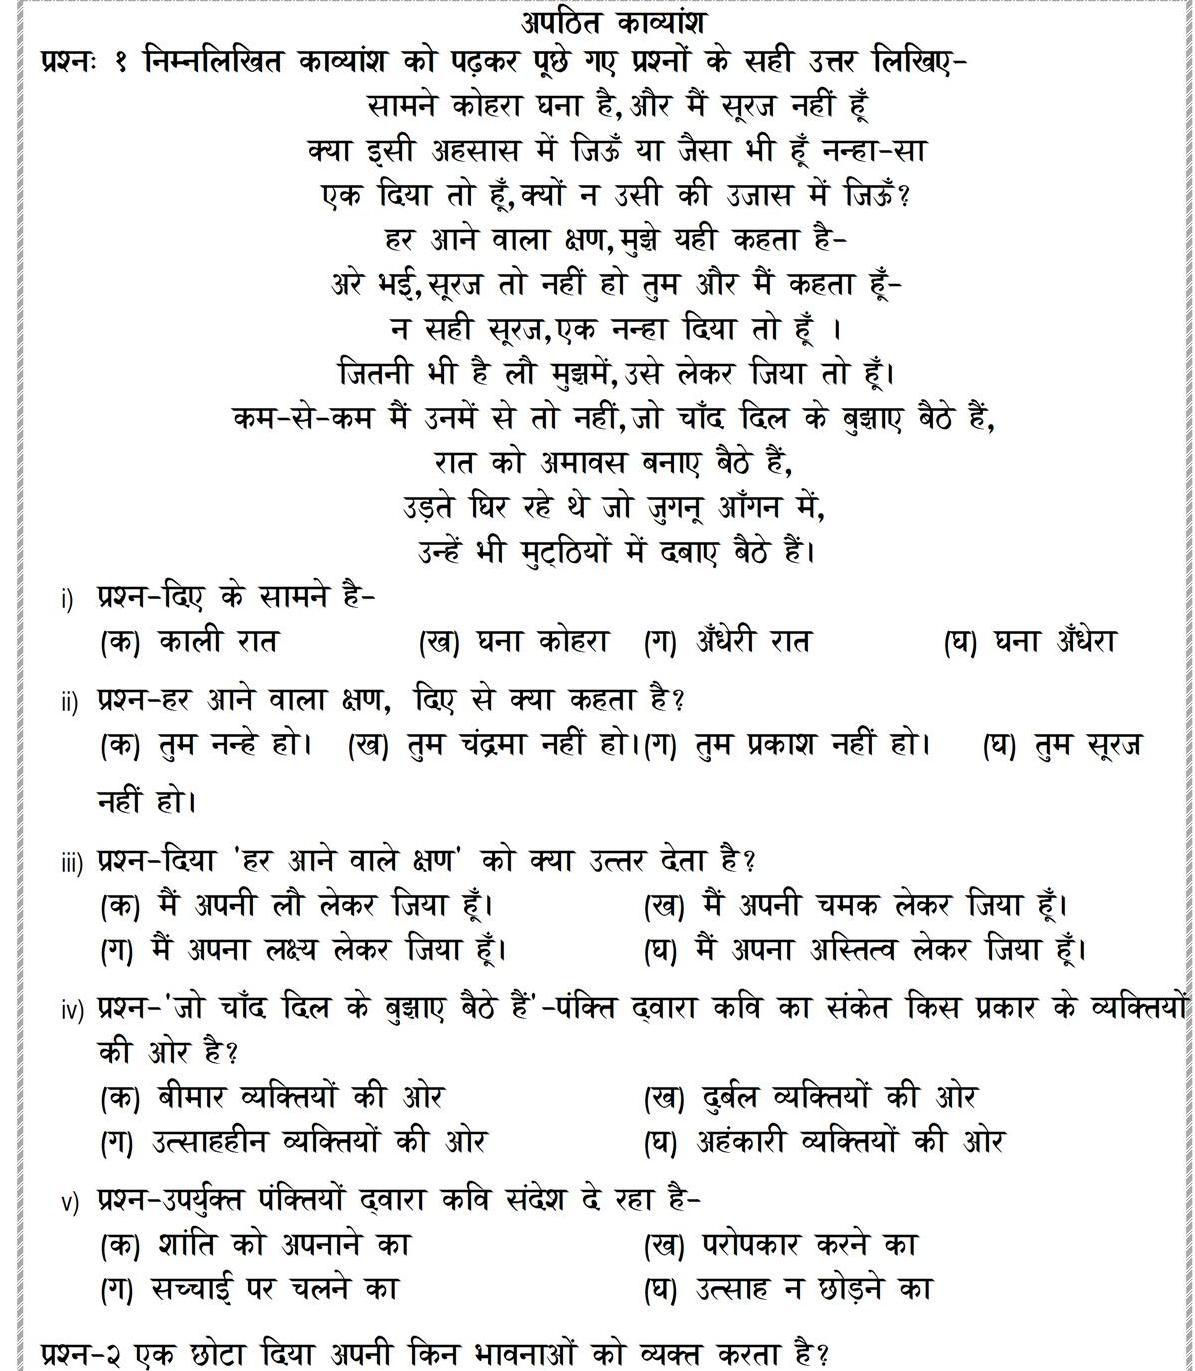 Worksheet Of Apathit Gadyansh